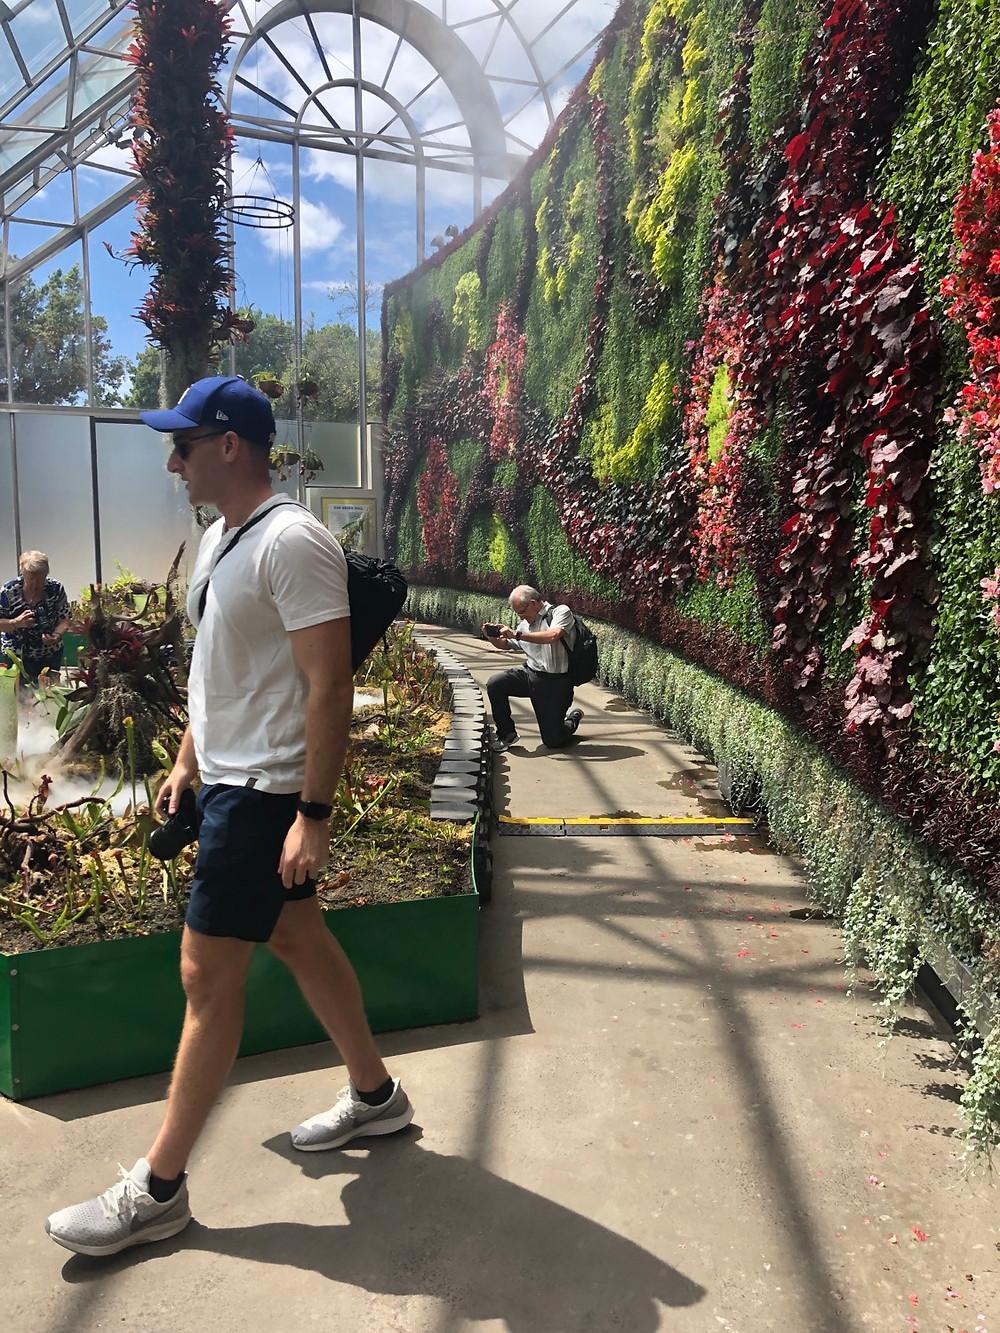 Man walking in the royal botanic garden exhibit